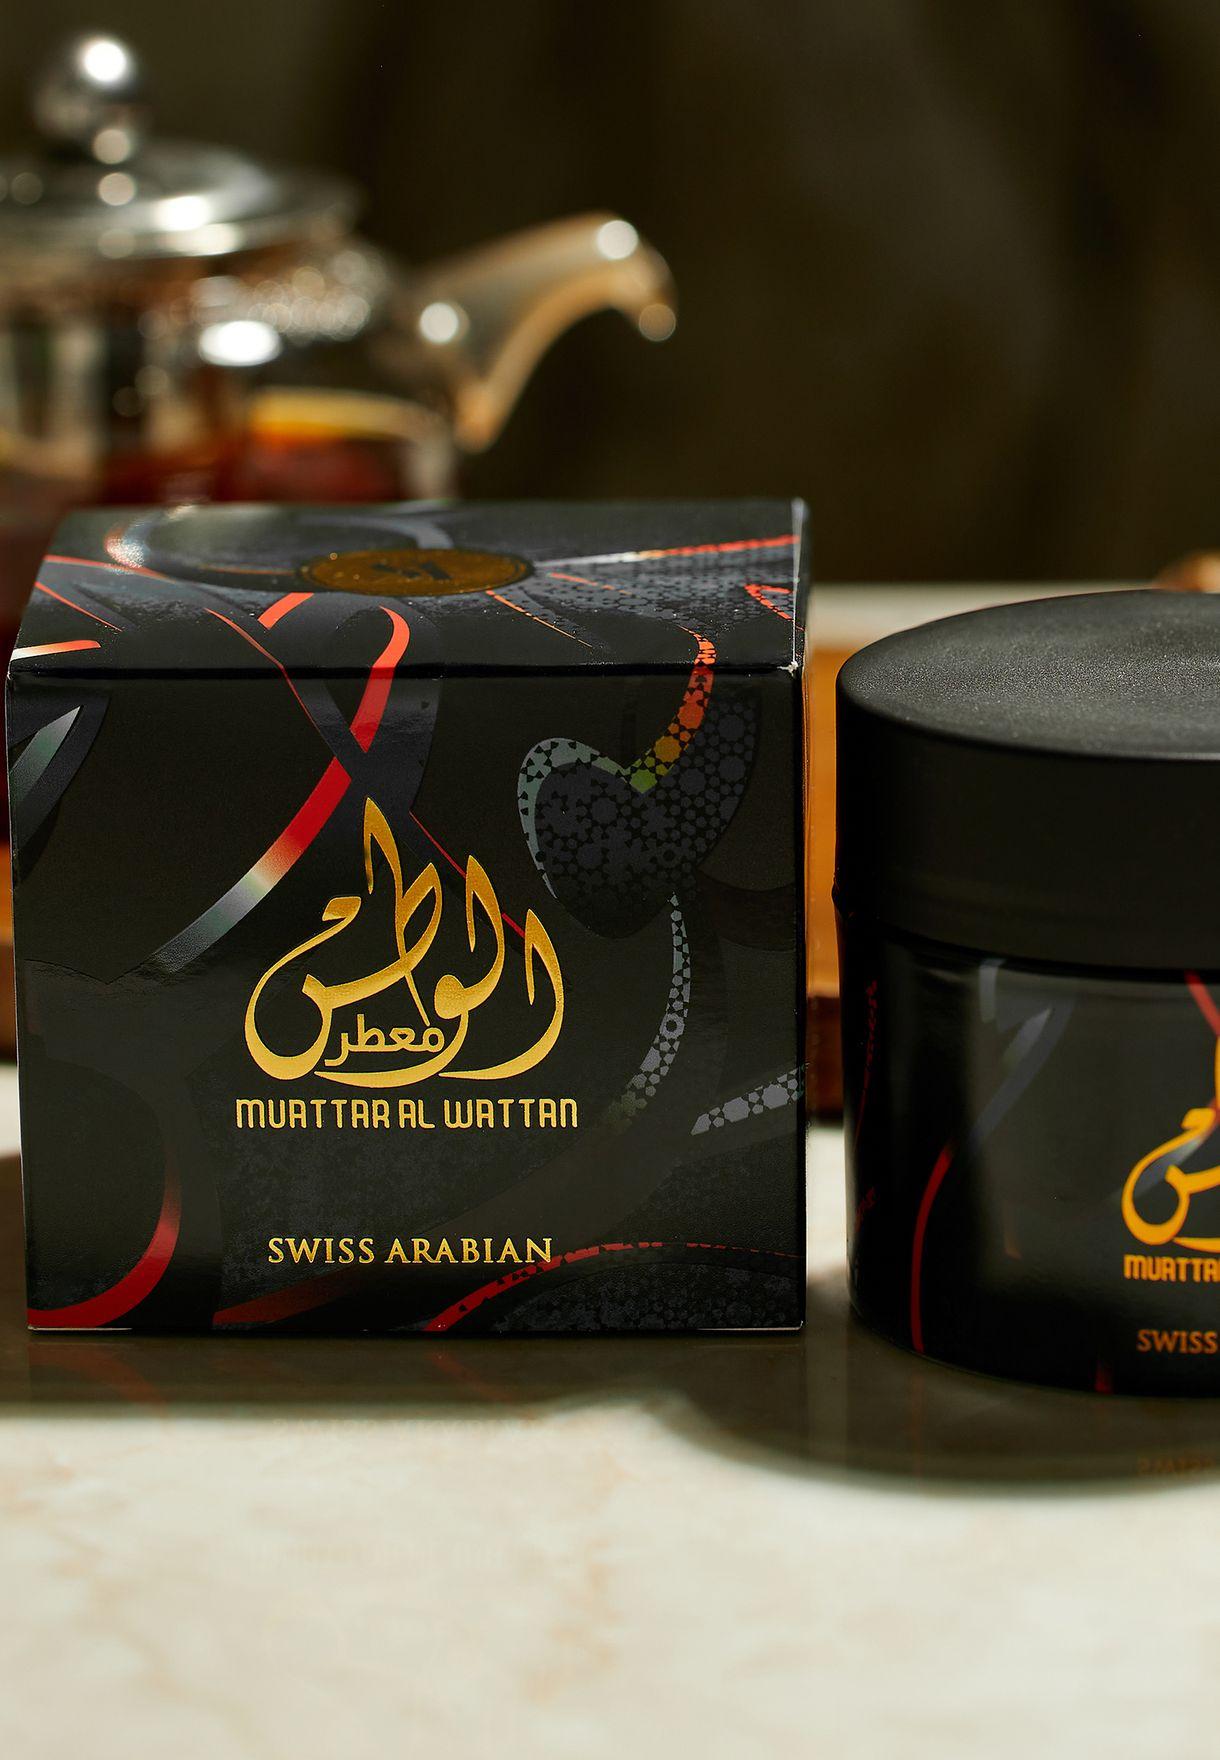 Muattar Al Wattan 1078 50gm